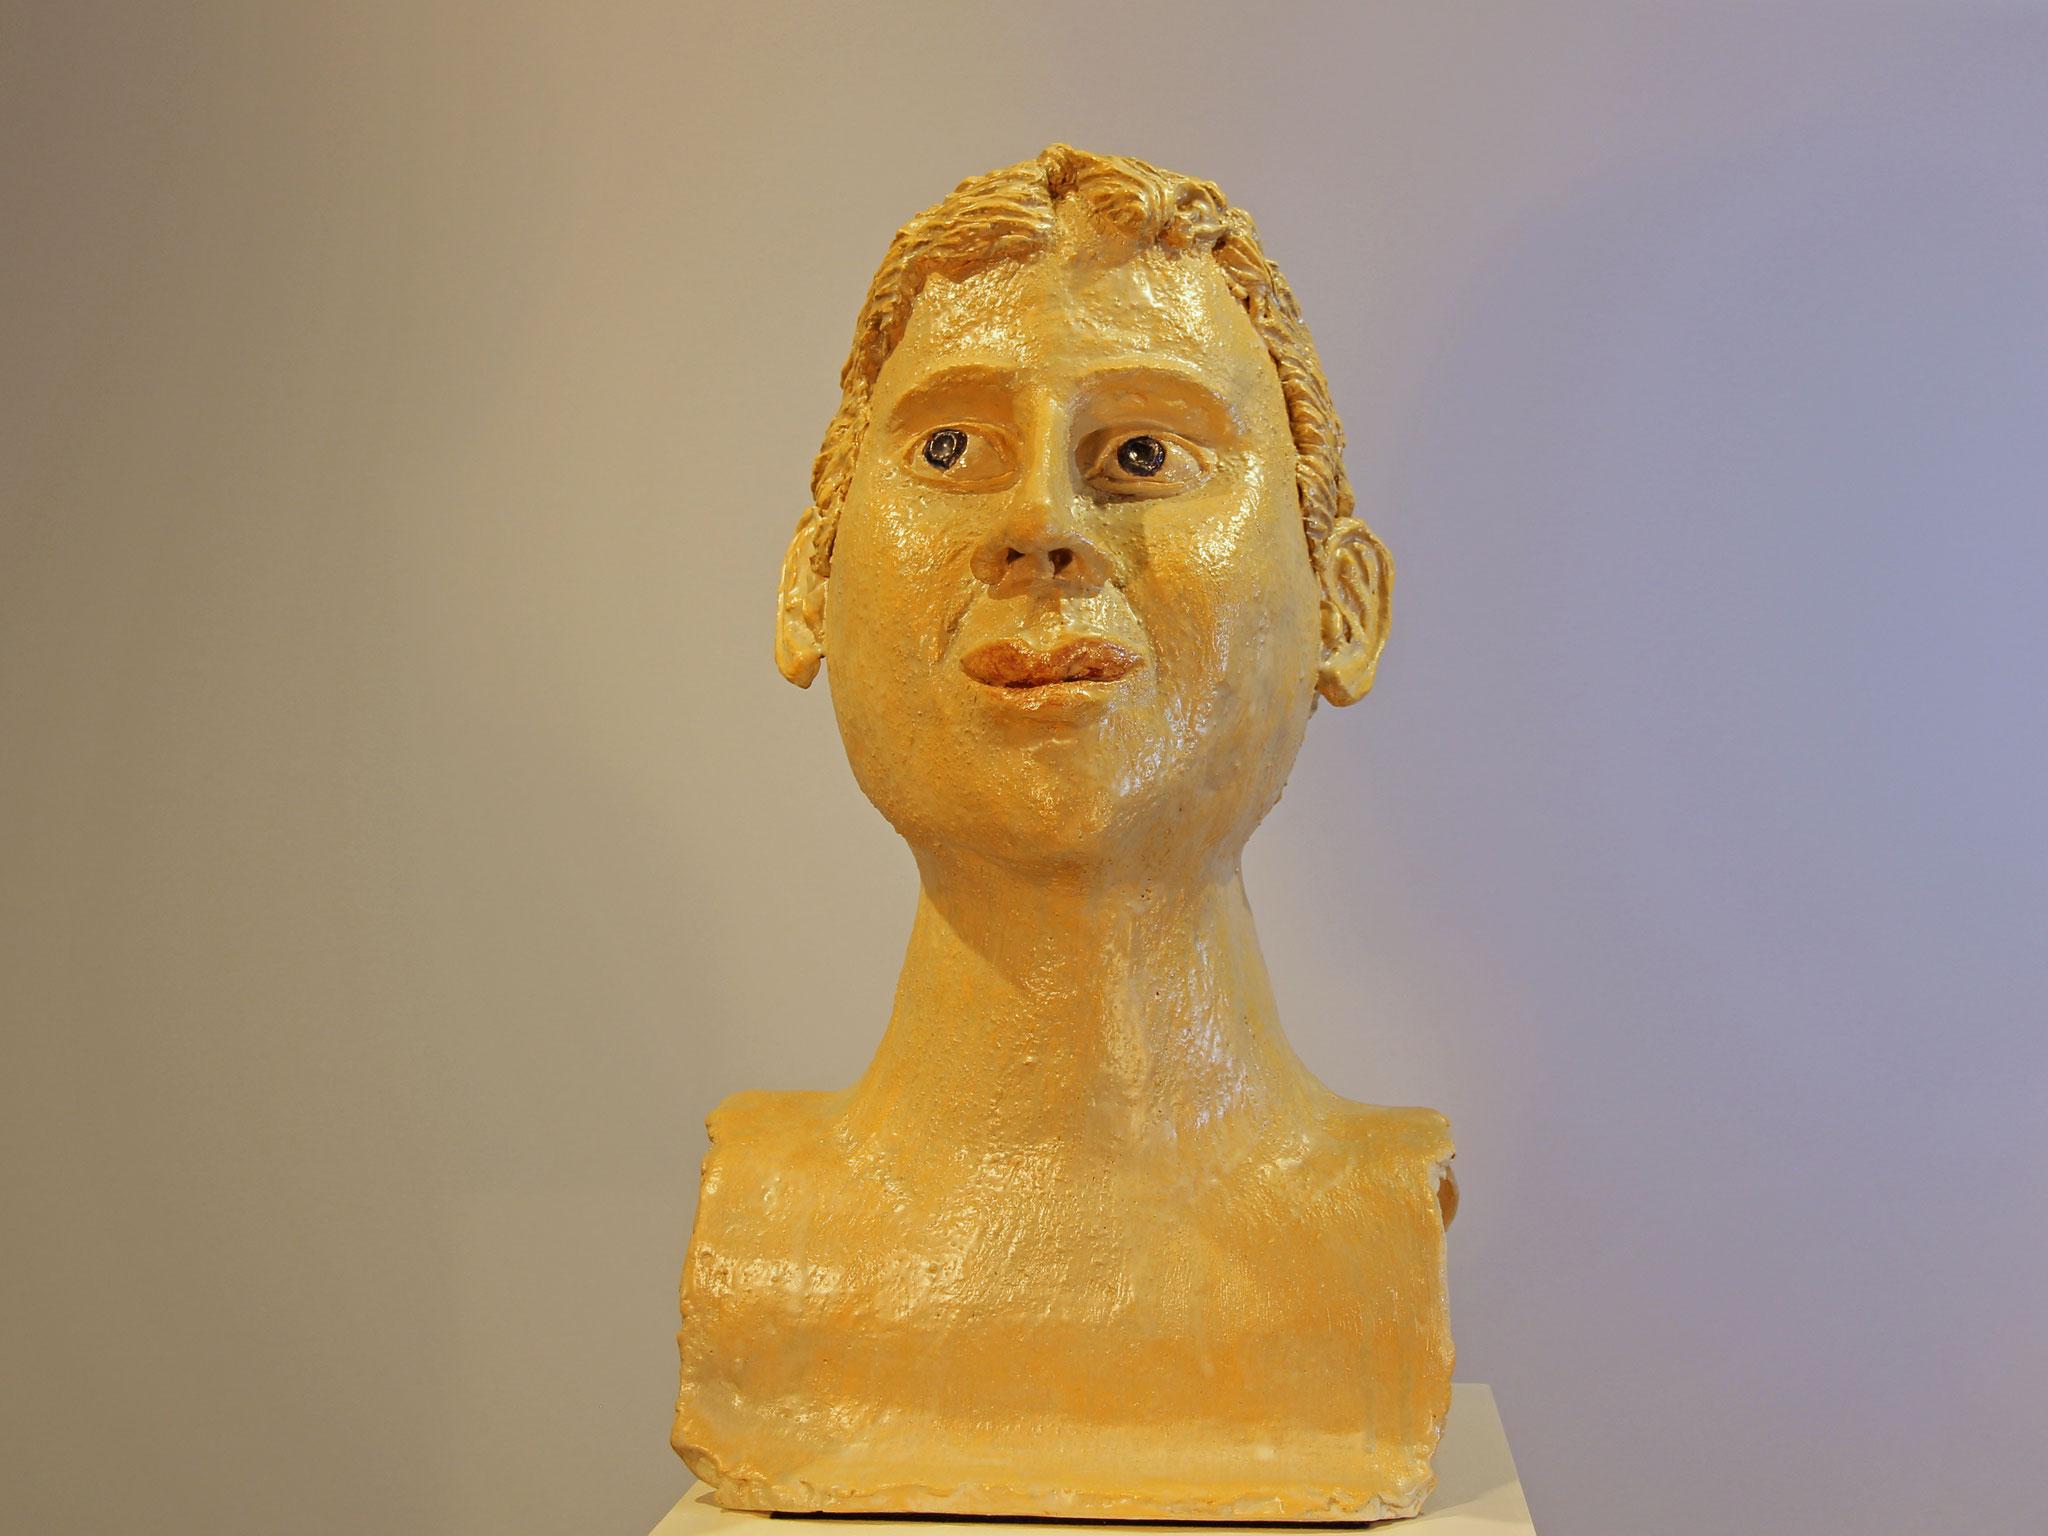 HERRENPORTRAIT 50x30x25 cm